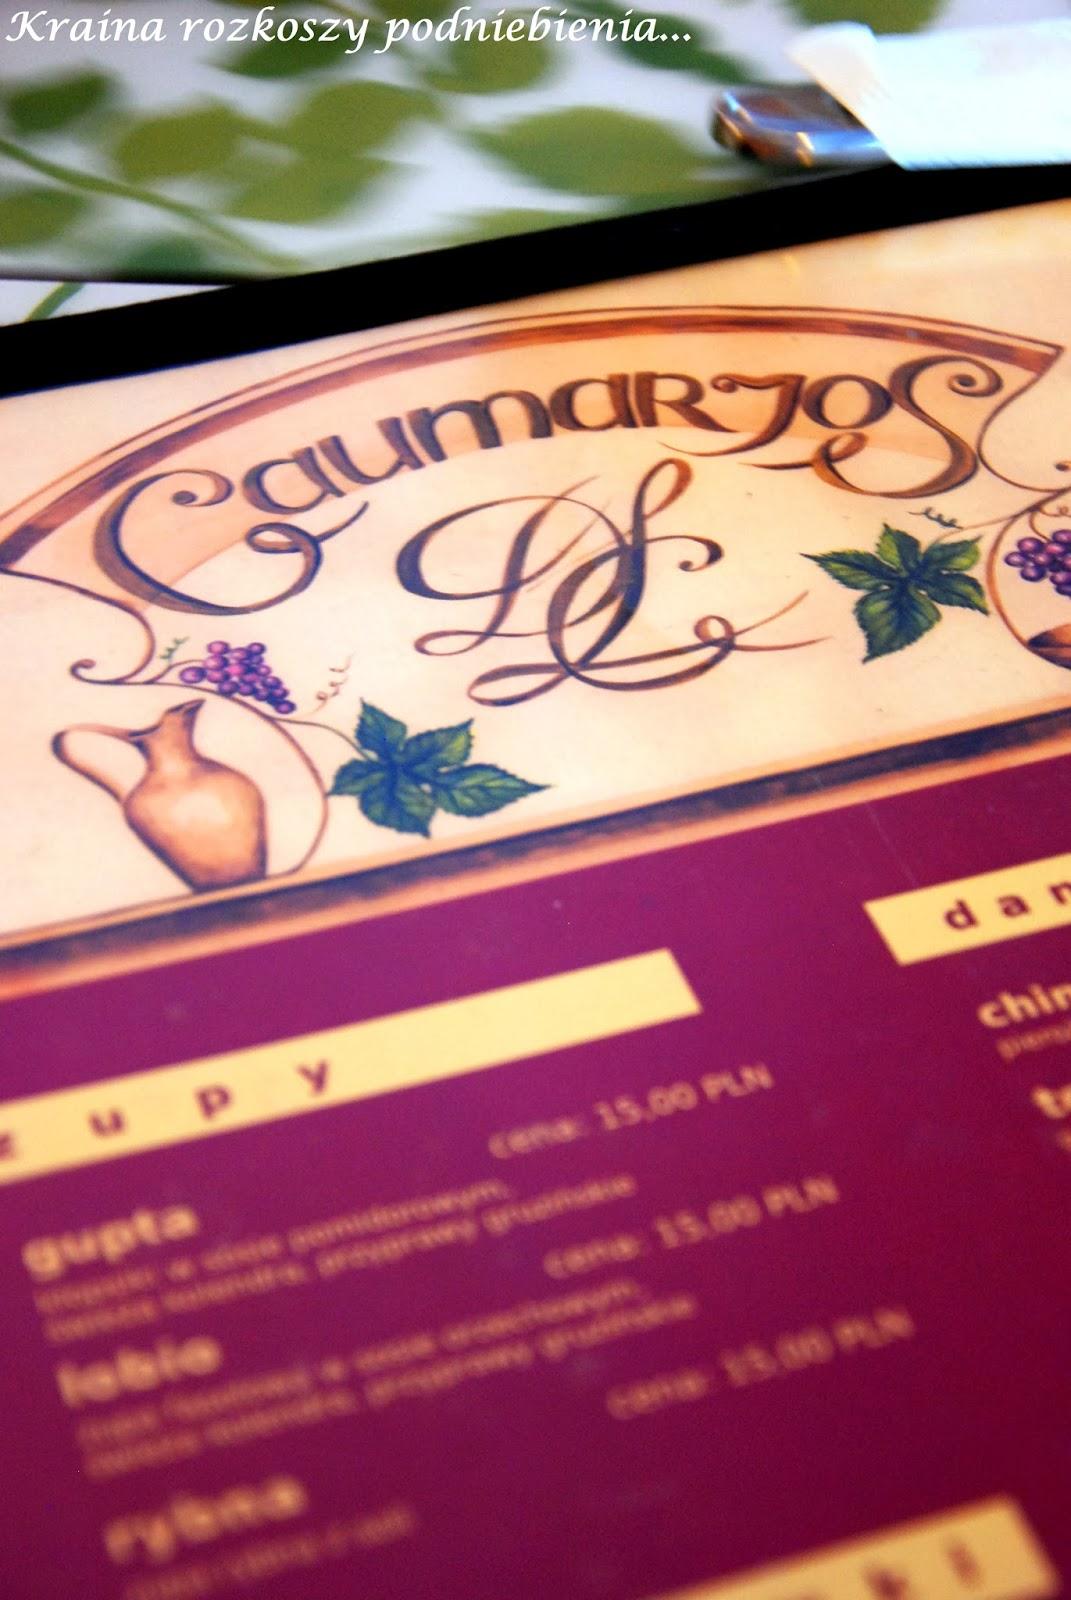 O Gruzinskiej Restauracji Gaumarjos Slow Kilka Kraina Rozkoszy